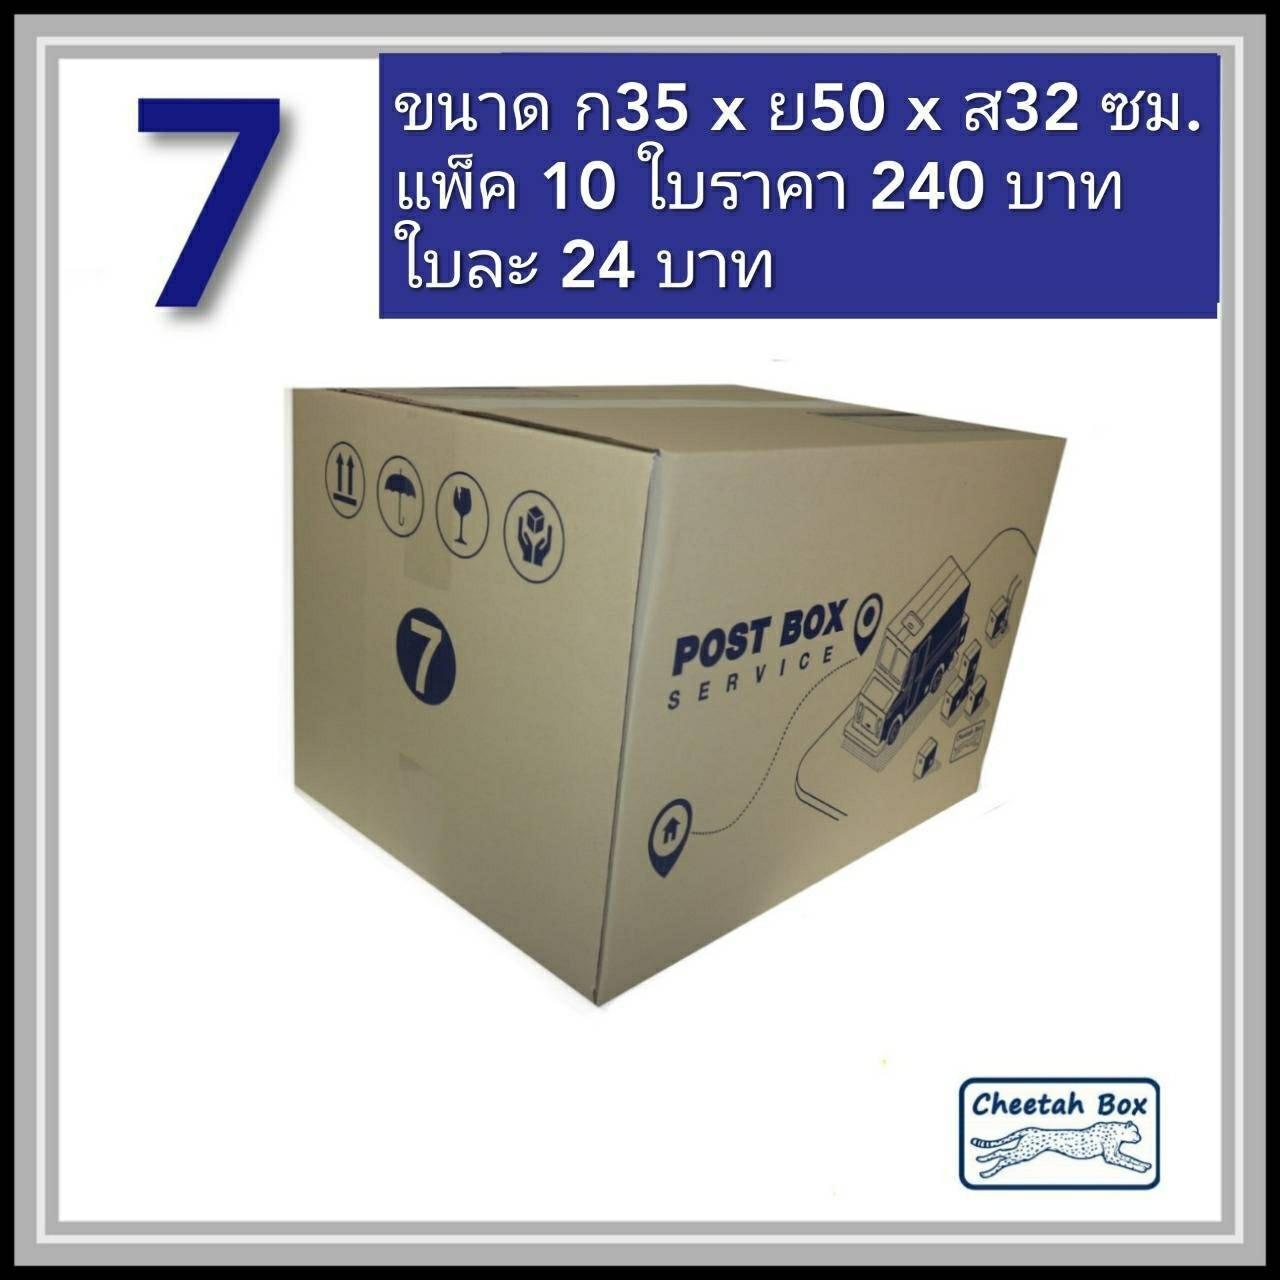 กล่องไปรษณีย์ 7 (Cheetah Box ขนาด 35*50*32 CM)